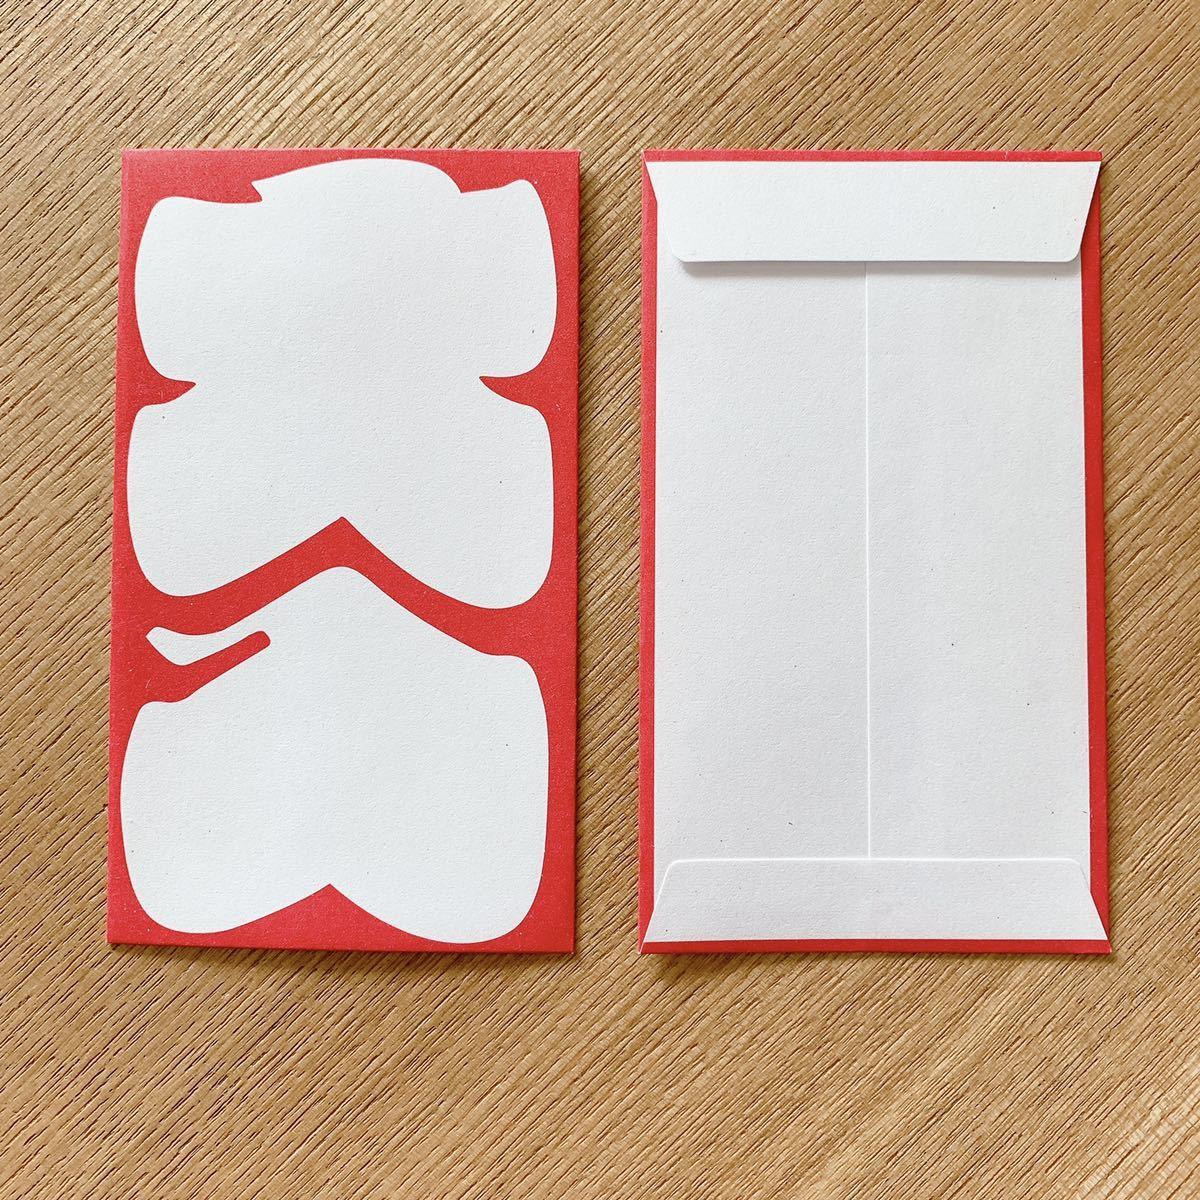 ポチ袋 9枚セット 紅白 お年玉 正月 祝儀袋 お年玉袋 ◯即決 ◯送料無料_画像2